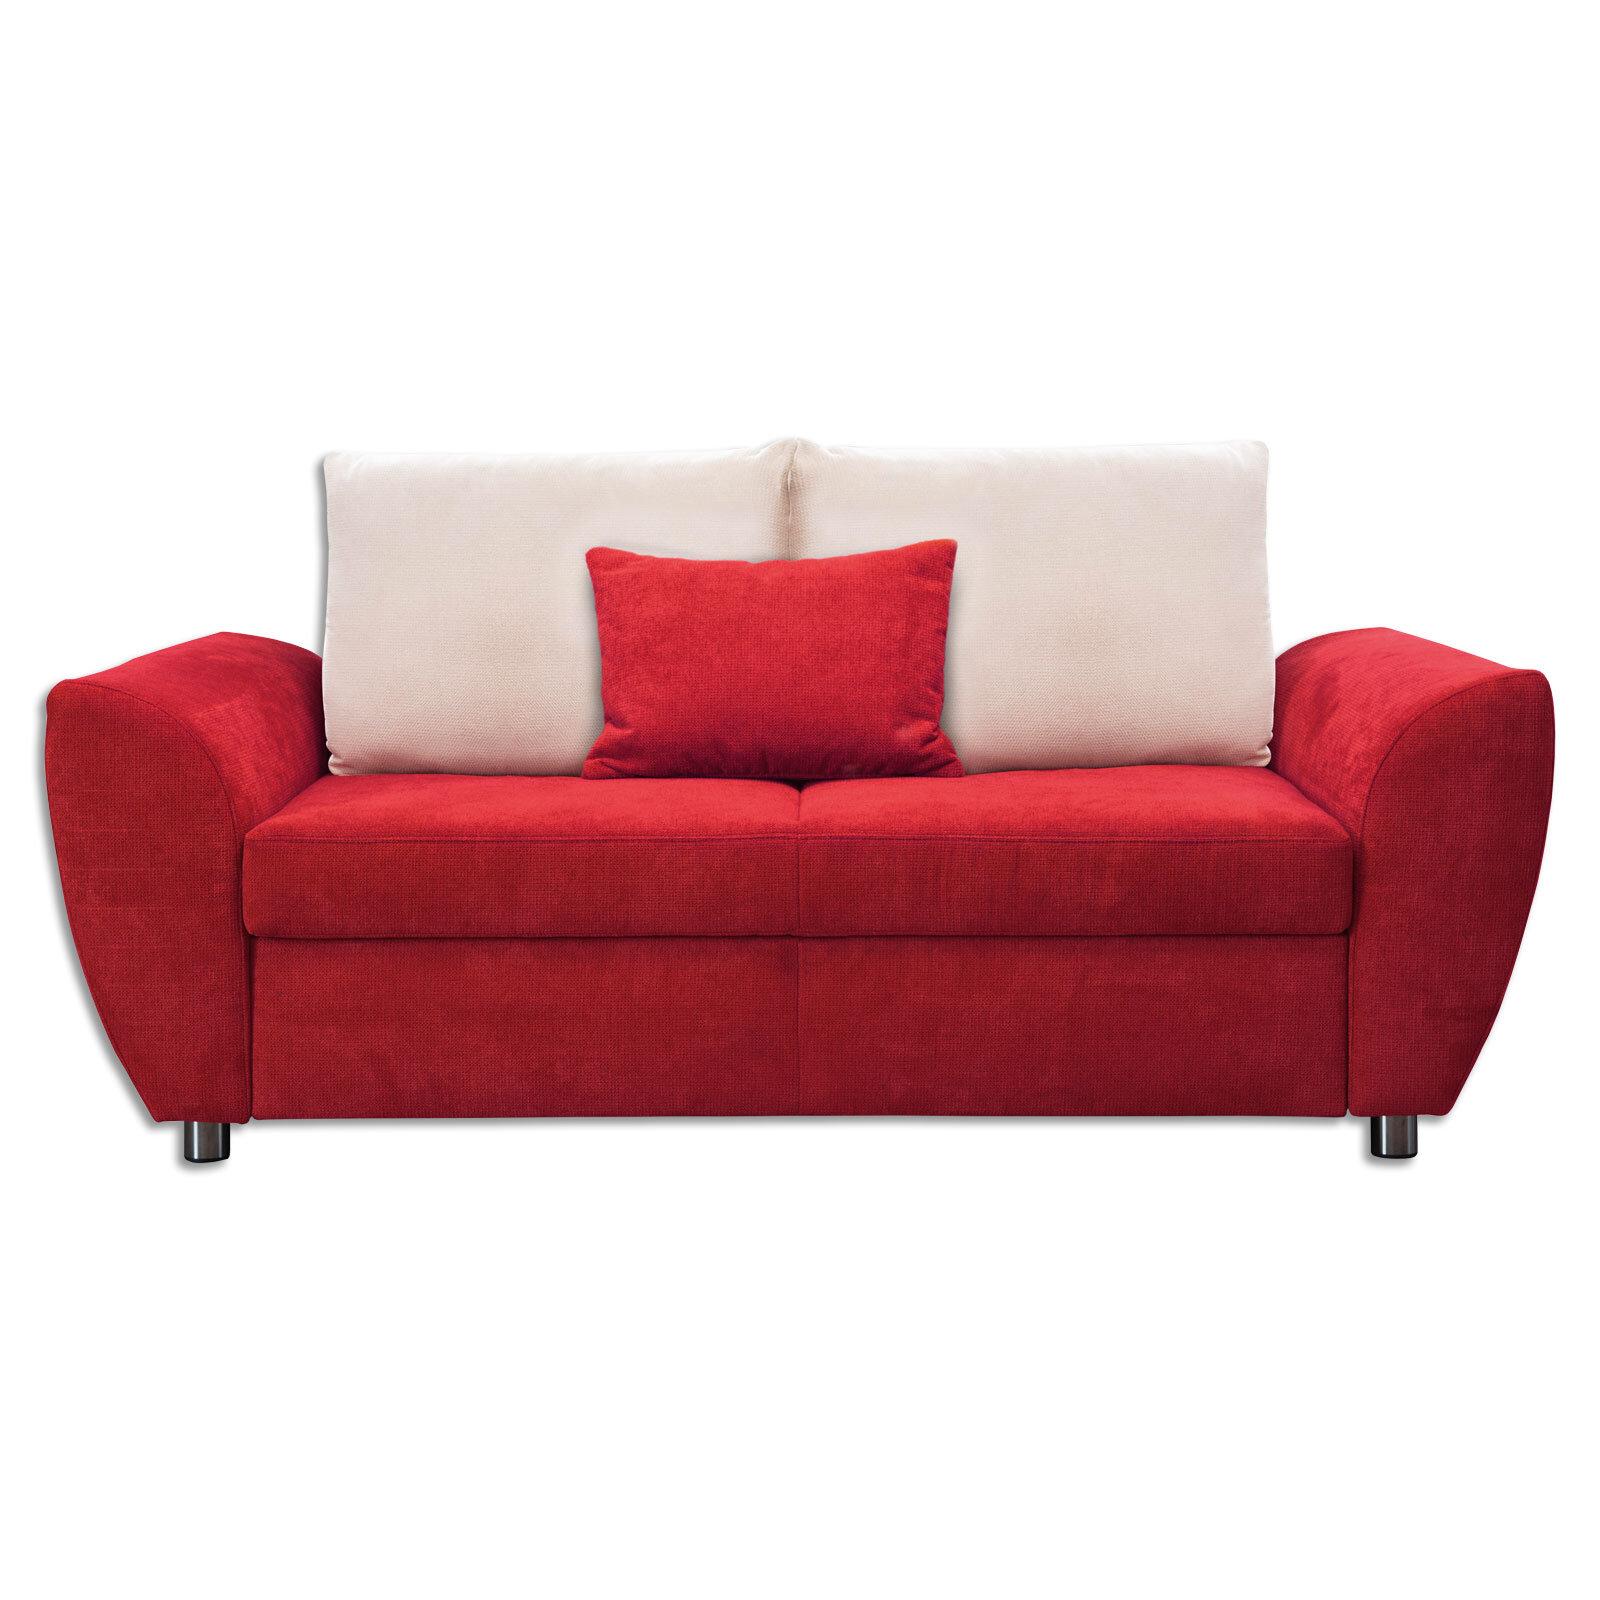 Full Size of 2 Sitzer Sofa Rot Federkern Online Bei Roller Kaufen 3 De Sede Mit Relaxfunktion Gelb L Schlaffunktion Esstisch 2m Dreisitzer Rolf Benz Brühl Bett 140x200 Sofa 2 Sitzer Sofa